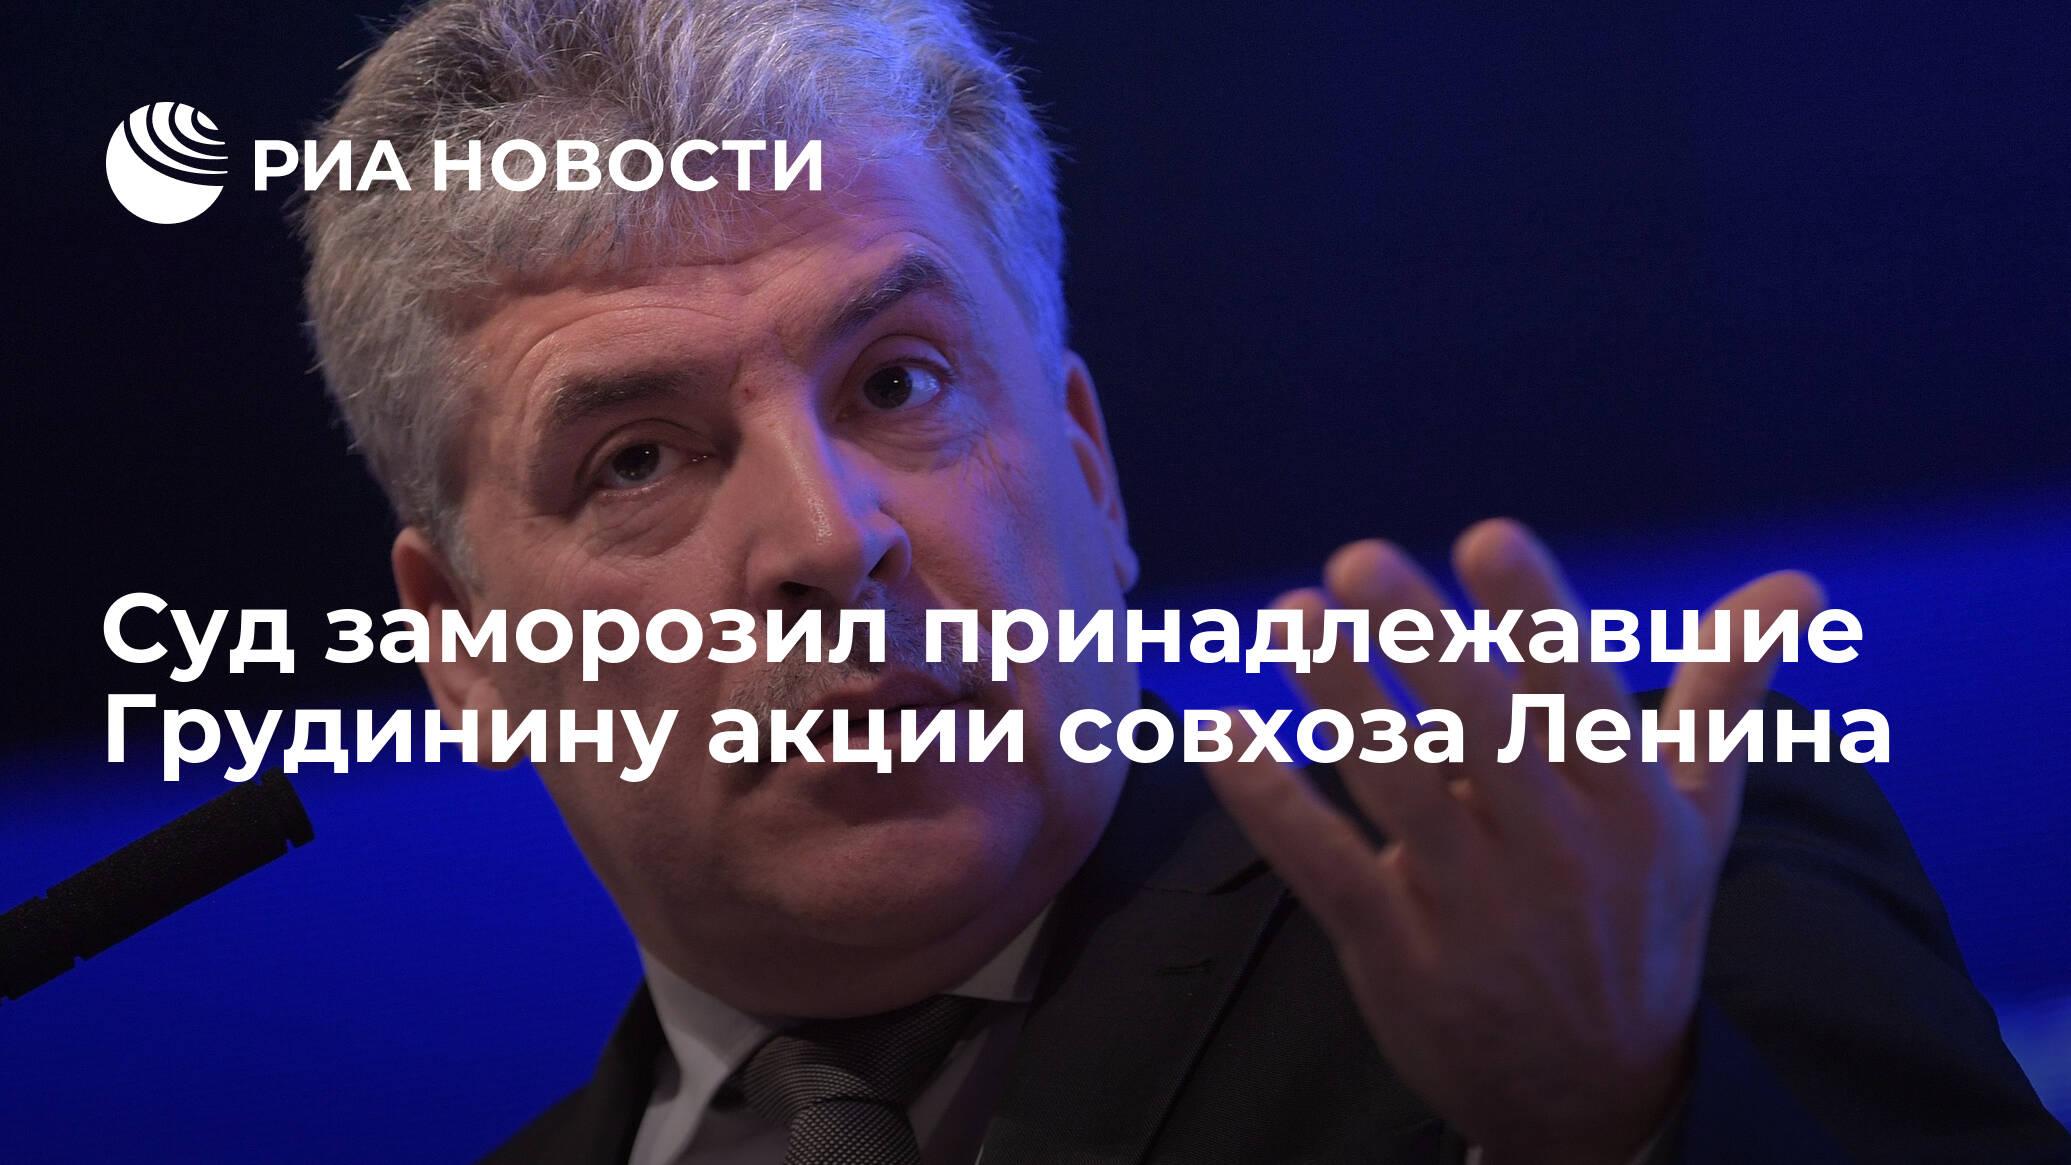 Суд заморозил принадлежавшие Грудинину акции совхоза Ленина